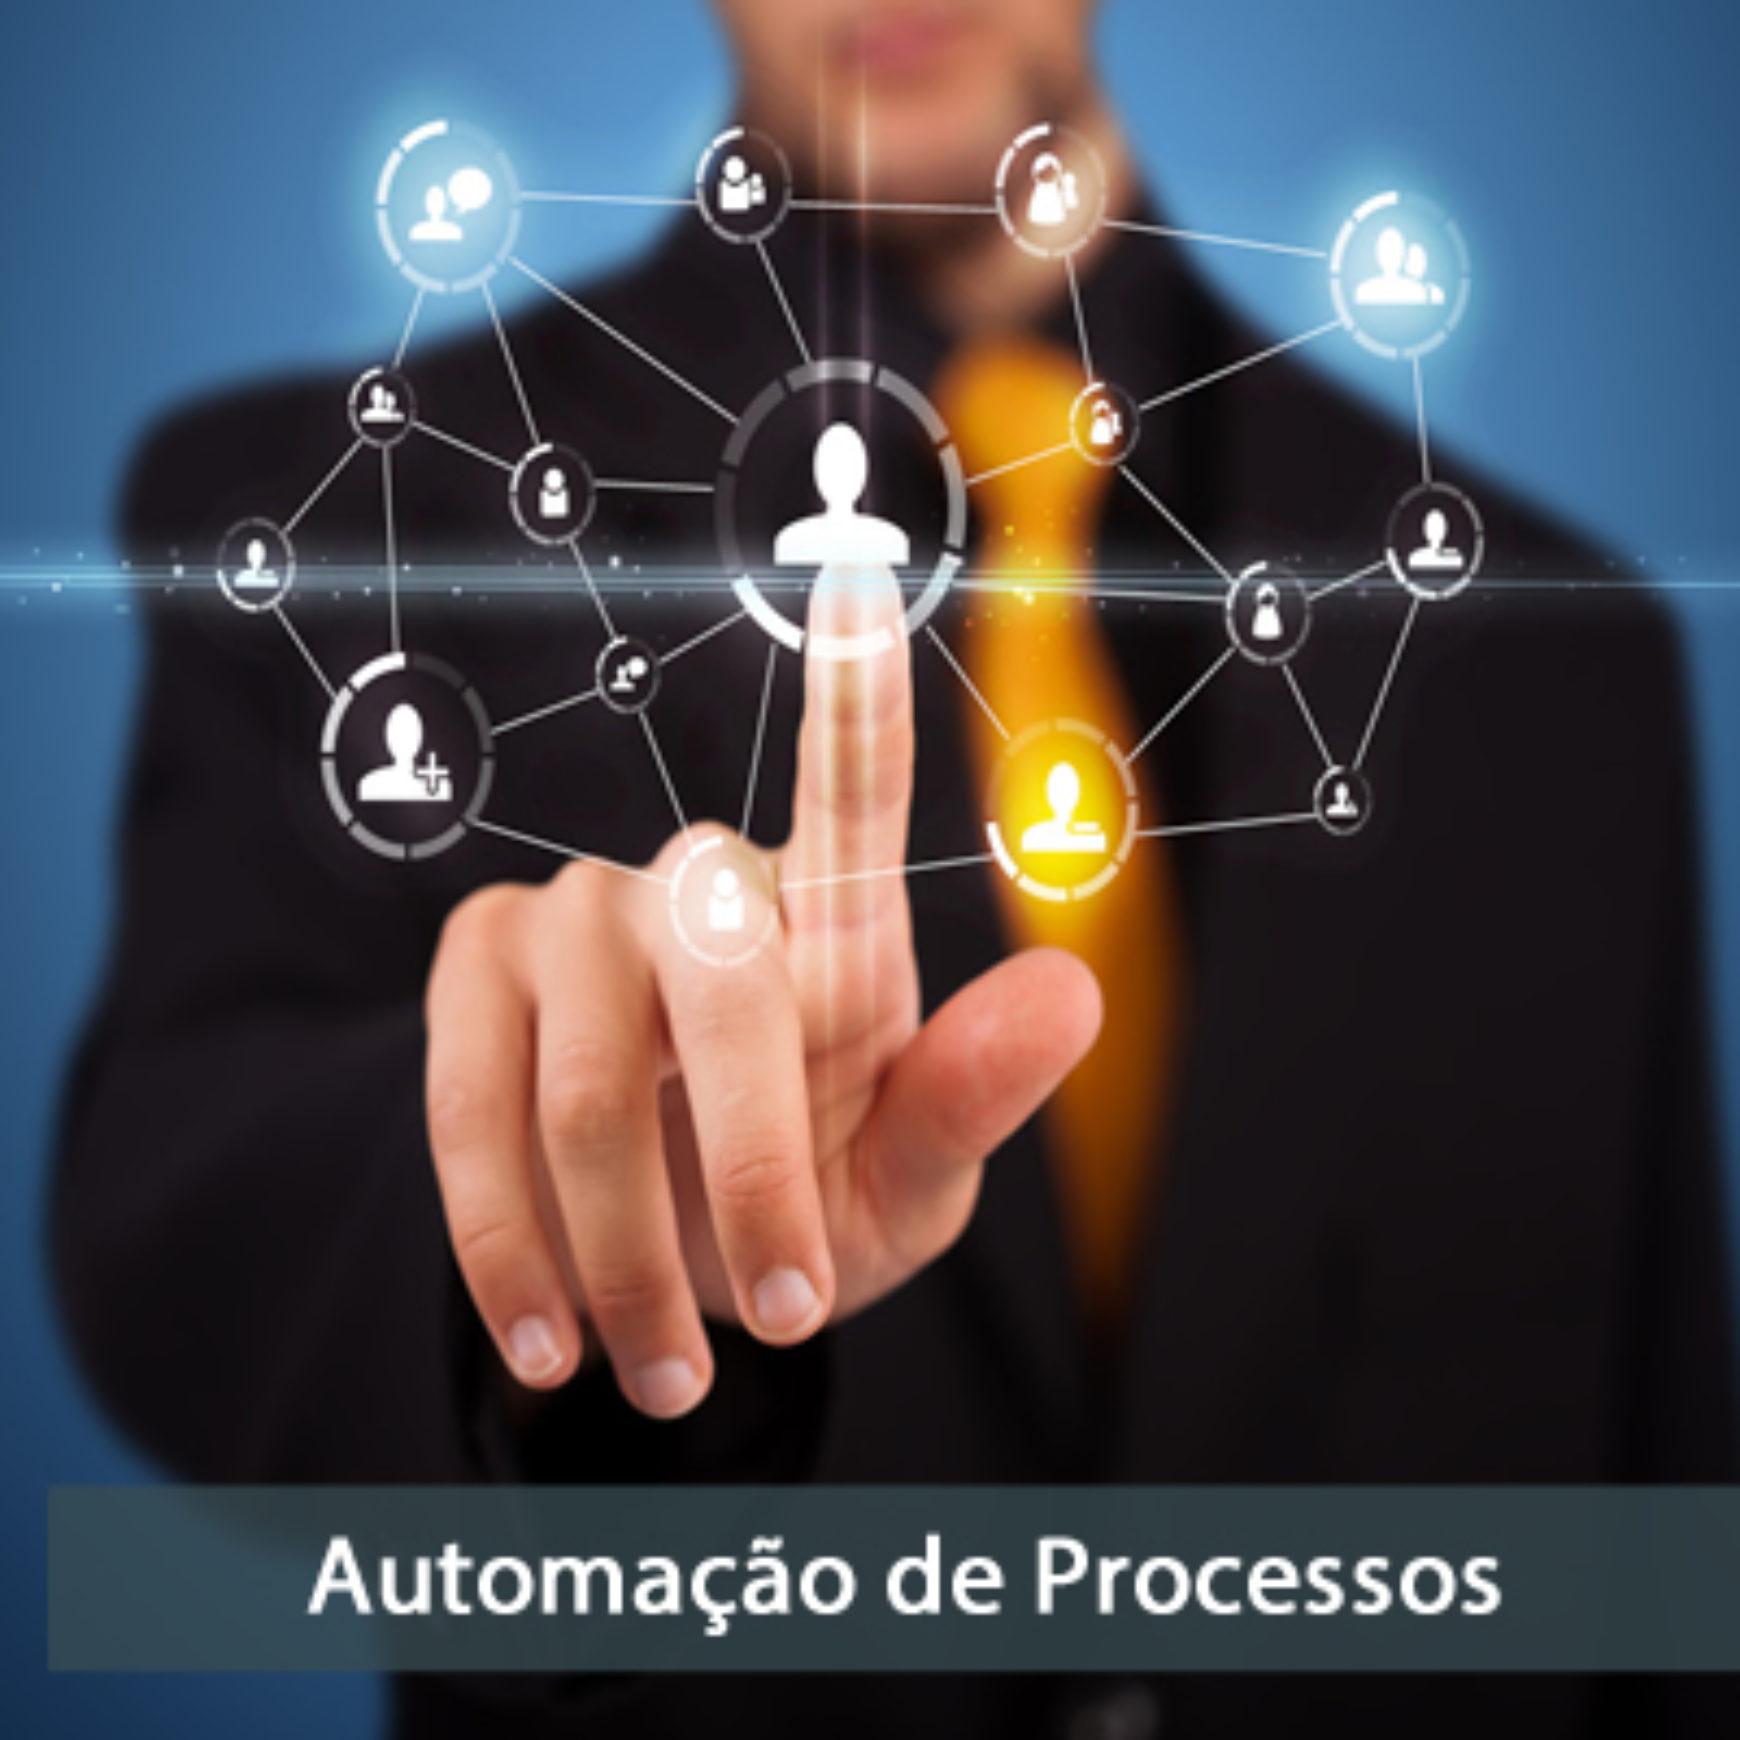 Redução de custos com novas tecnologias de automação de processos e monitoramento de atividades